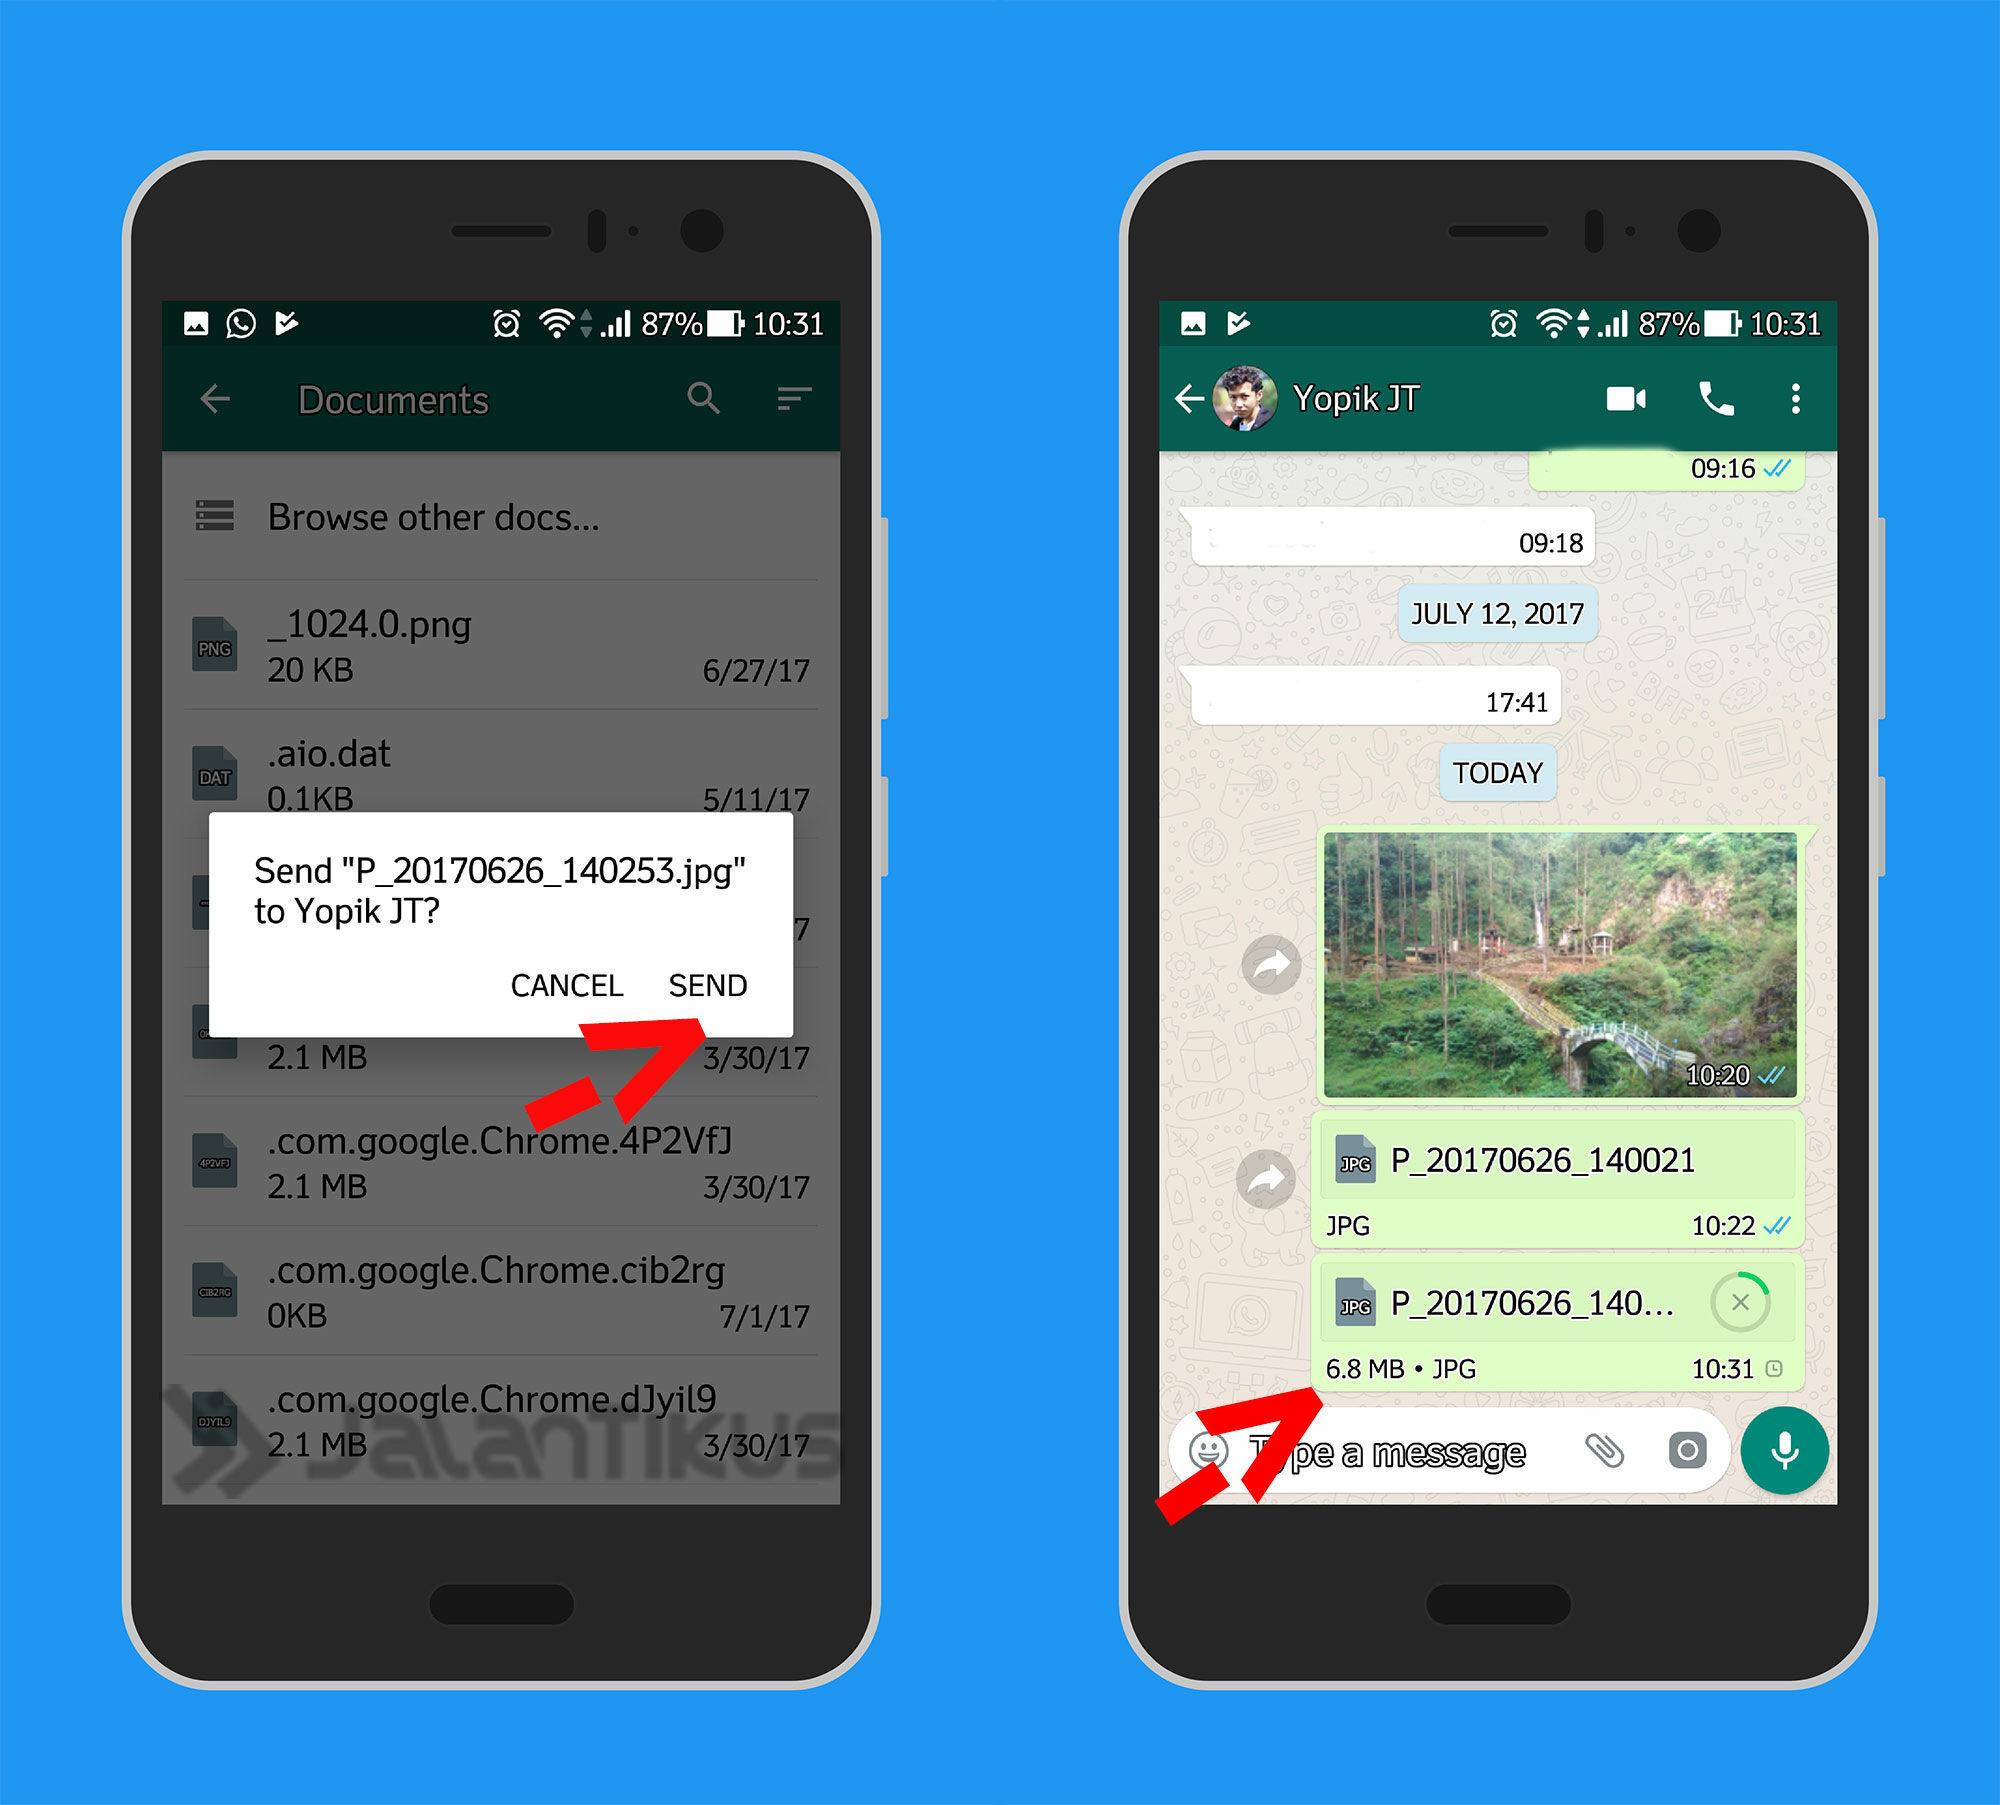 cara-mengirim-gambar-tanpa-mengurangi-kualitas-di-whatsapp-2